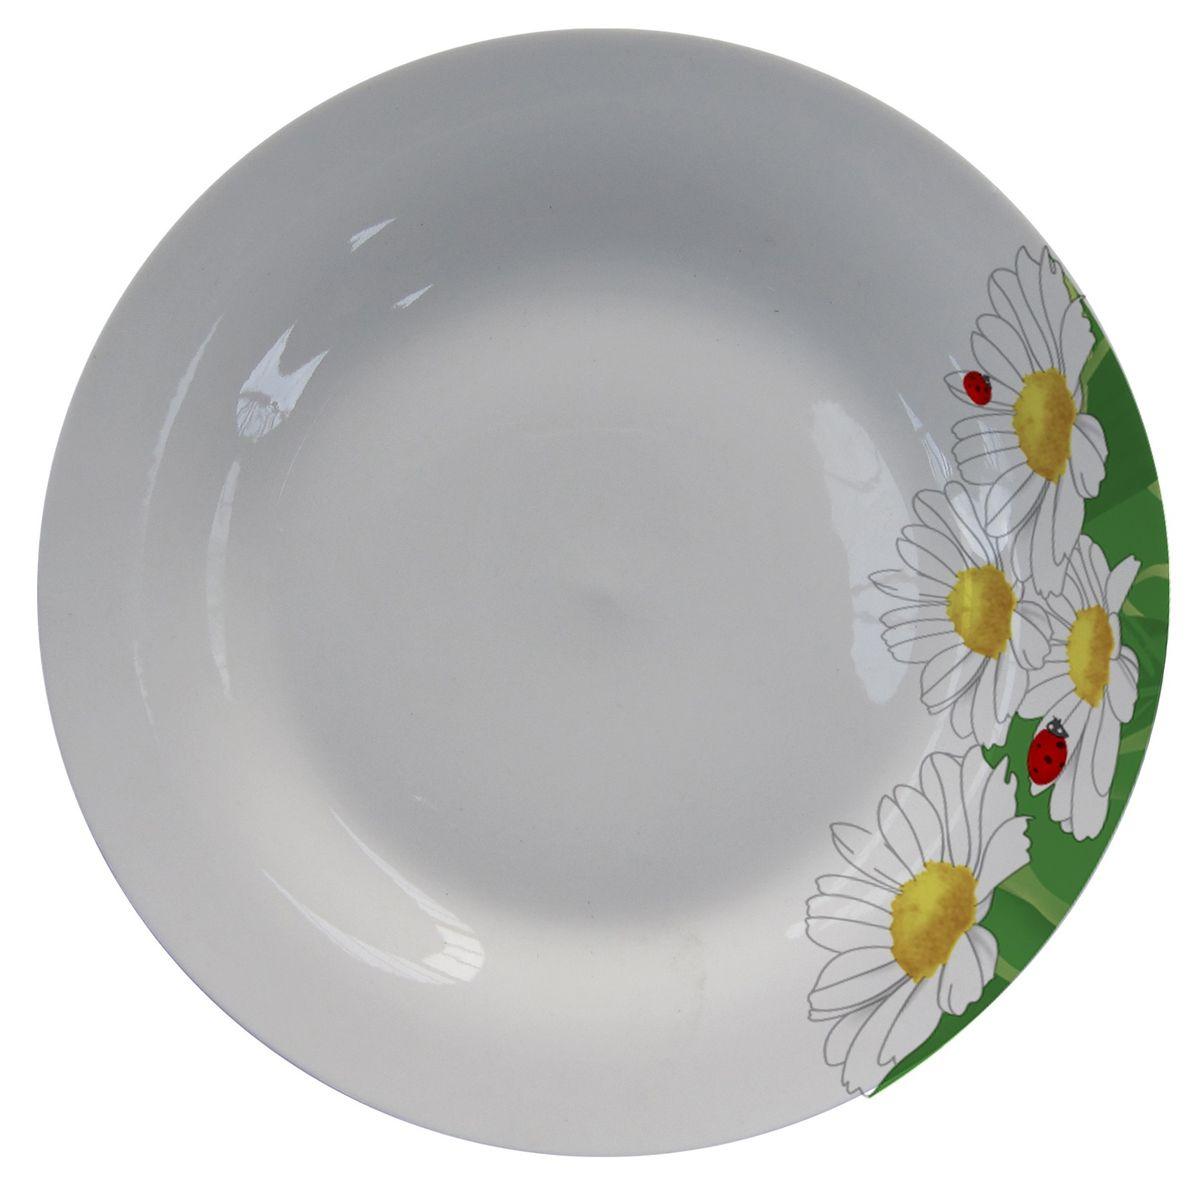 Тарелка МФК-профит Ромашки, диаметр 18 см54 009312Тарелка МФК-профит, изготовленная из стеклокерамики, украшена ярким рисунком. Изящный дизайн придется по вкусу и ценителям классики, и тем, кто предпочитает утонченность.Такая тарелка идеально подойдет для сервировки стола и станет отличным подарком к любому празднику.